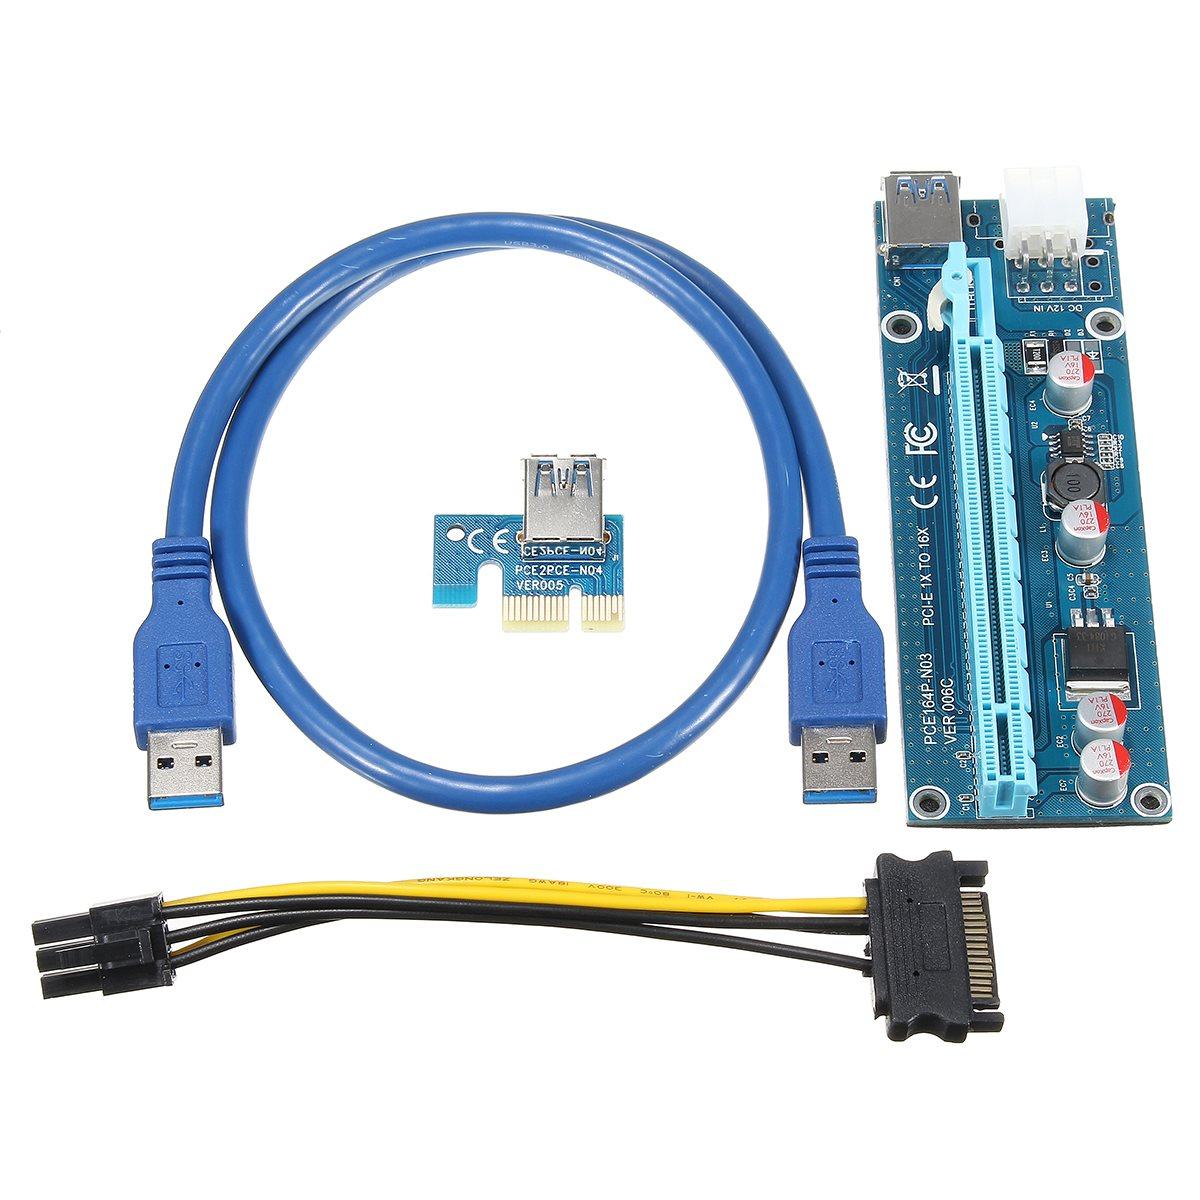 Großhandel 6 stücke USB 3.0 PCI-E Riser Express 1X 4x 8x 16x Extender Riser Adapter Karte SATA 15pin Stecker auf 6pin Stromkabel